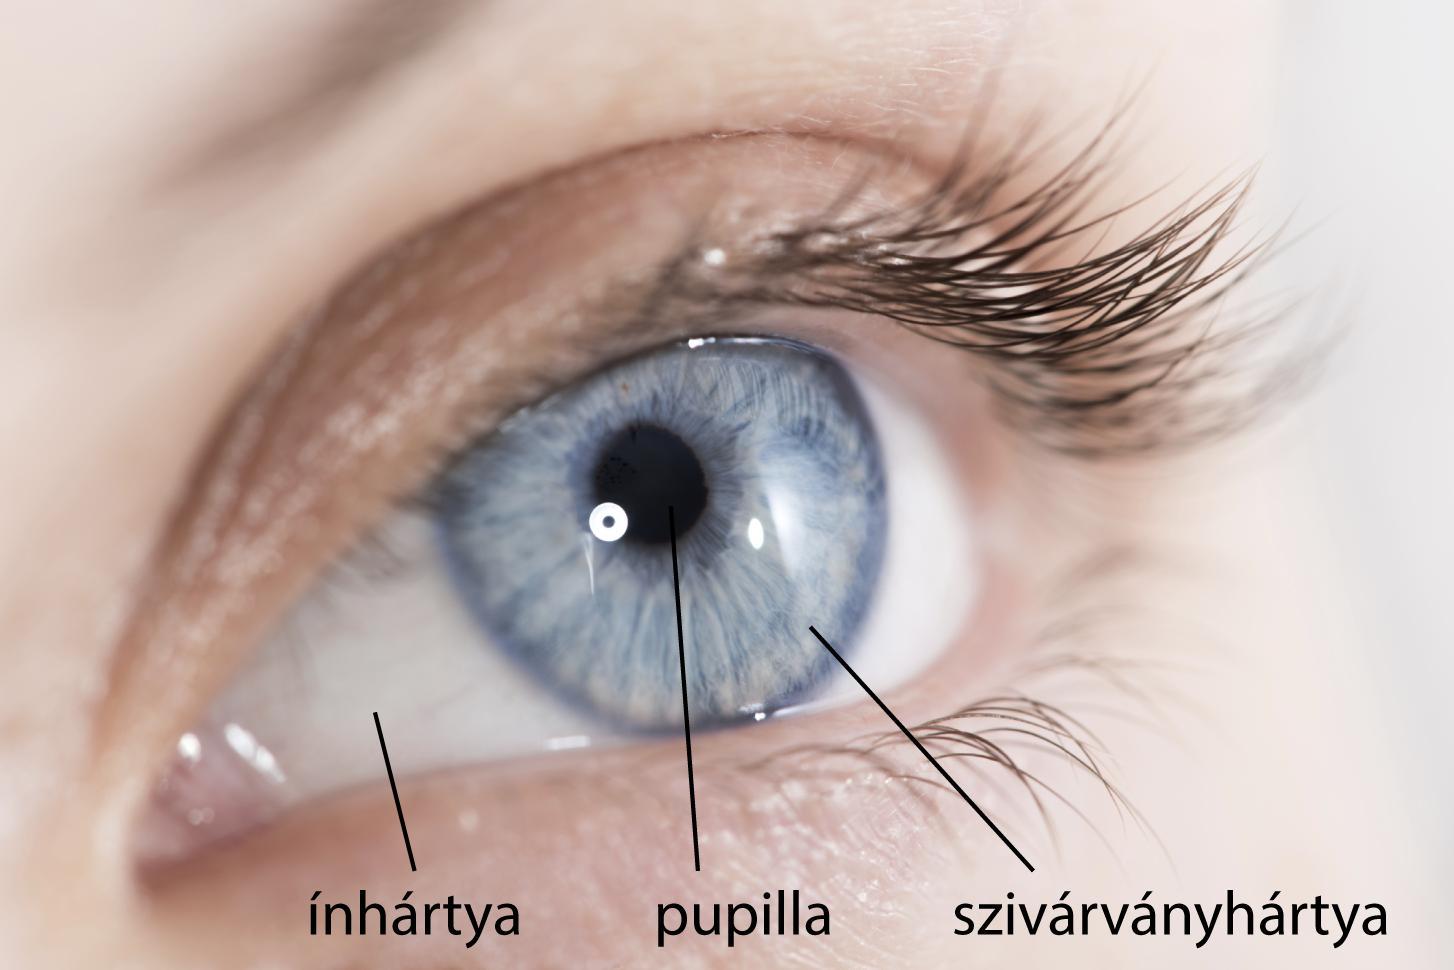 látomás kettőre megszabadulni a myopia gyakorlástól